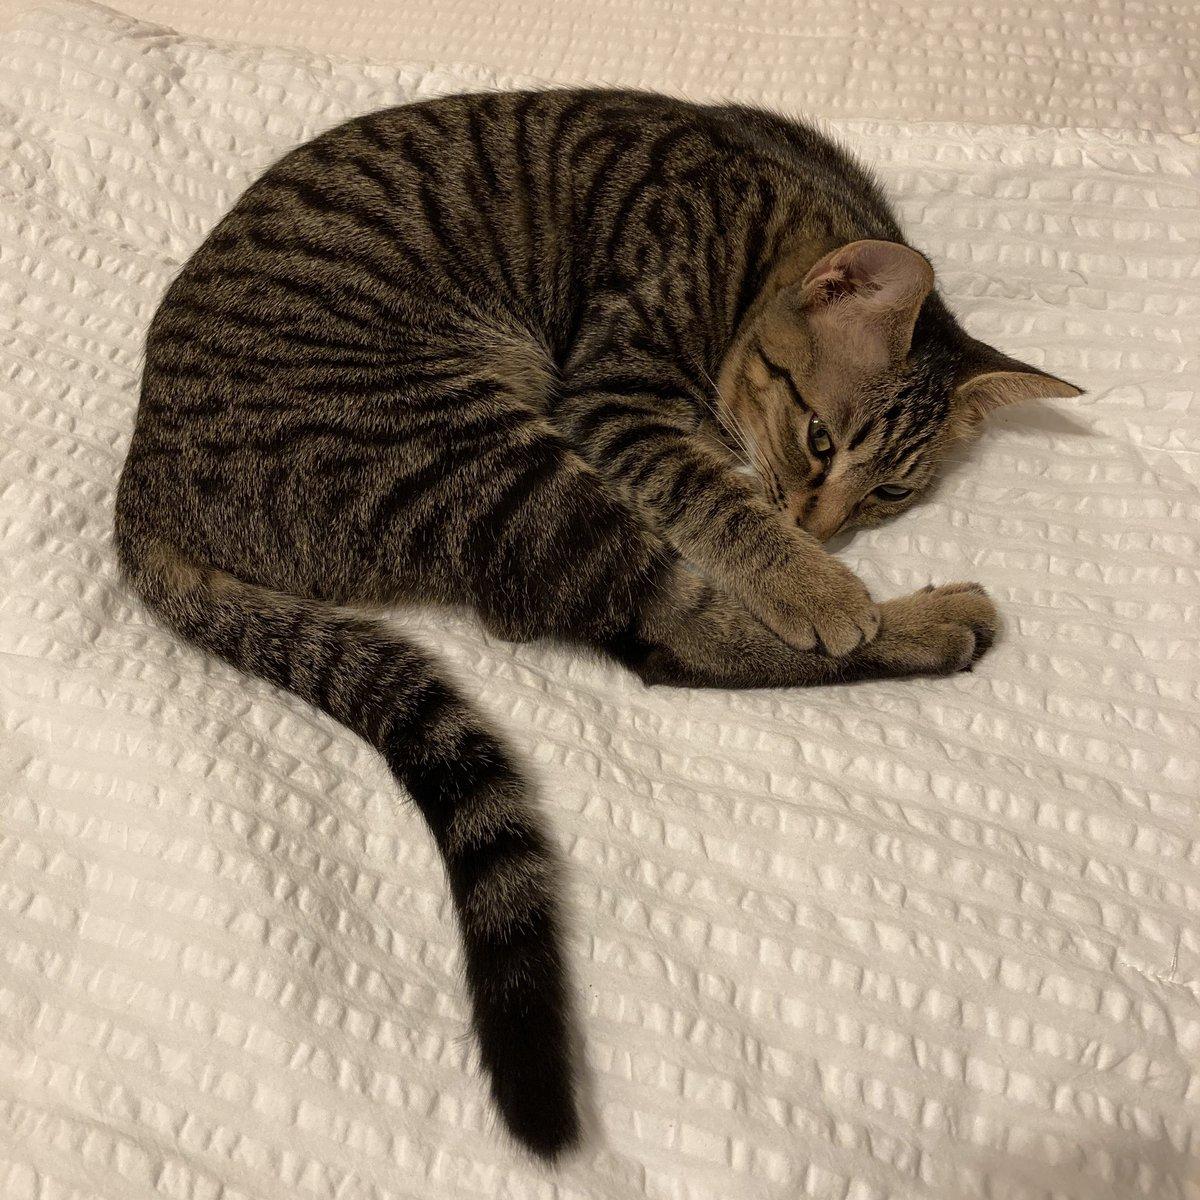 猫ほんと寝てばっかり #キジトラ  #キジ猫  #猫 https://t.co/5tRSgOf5E1